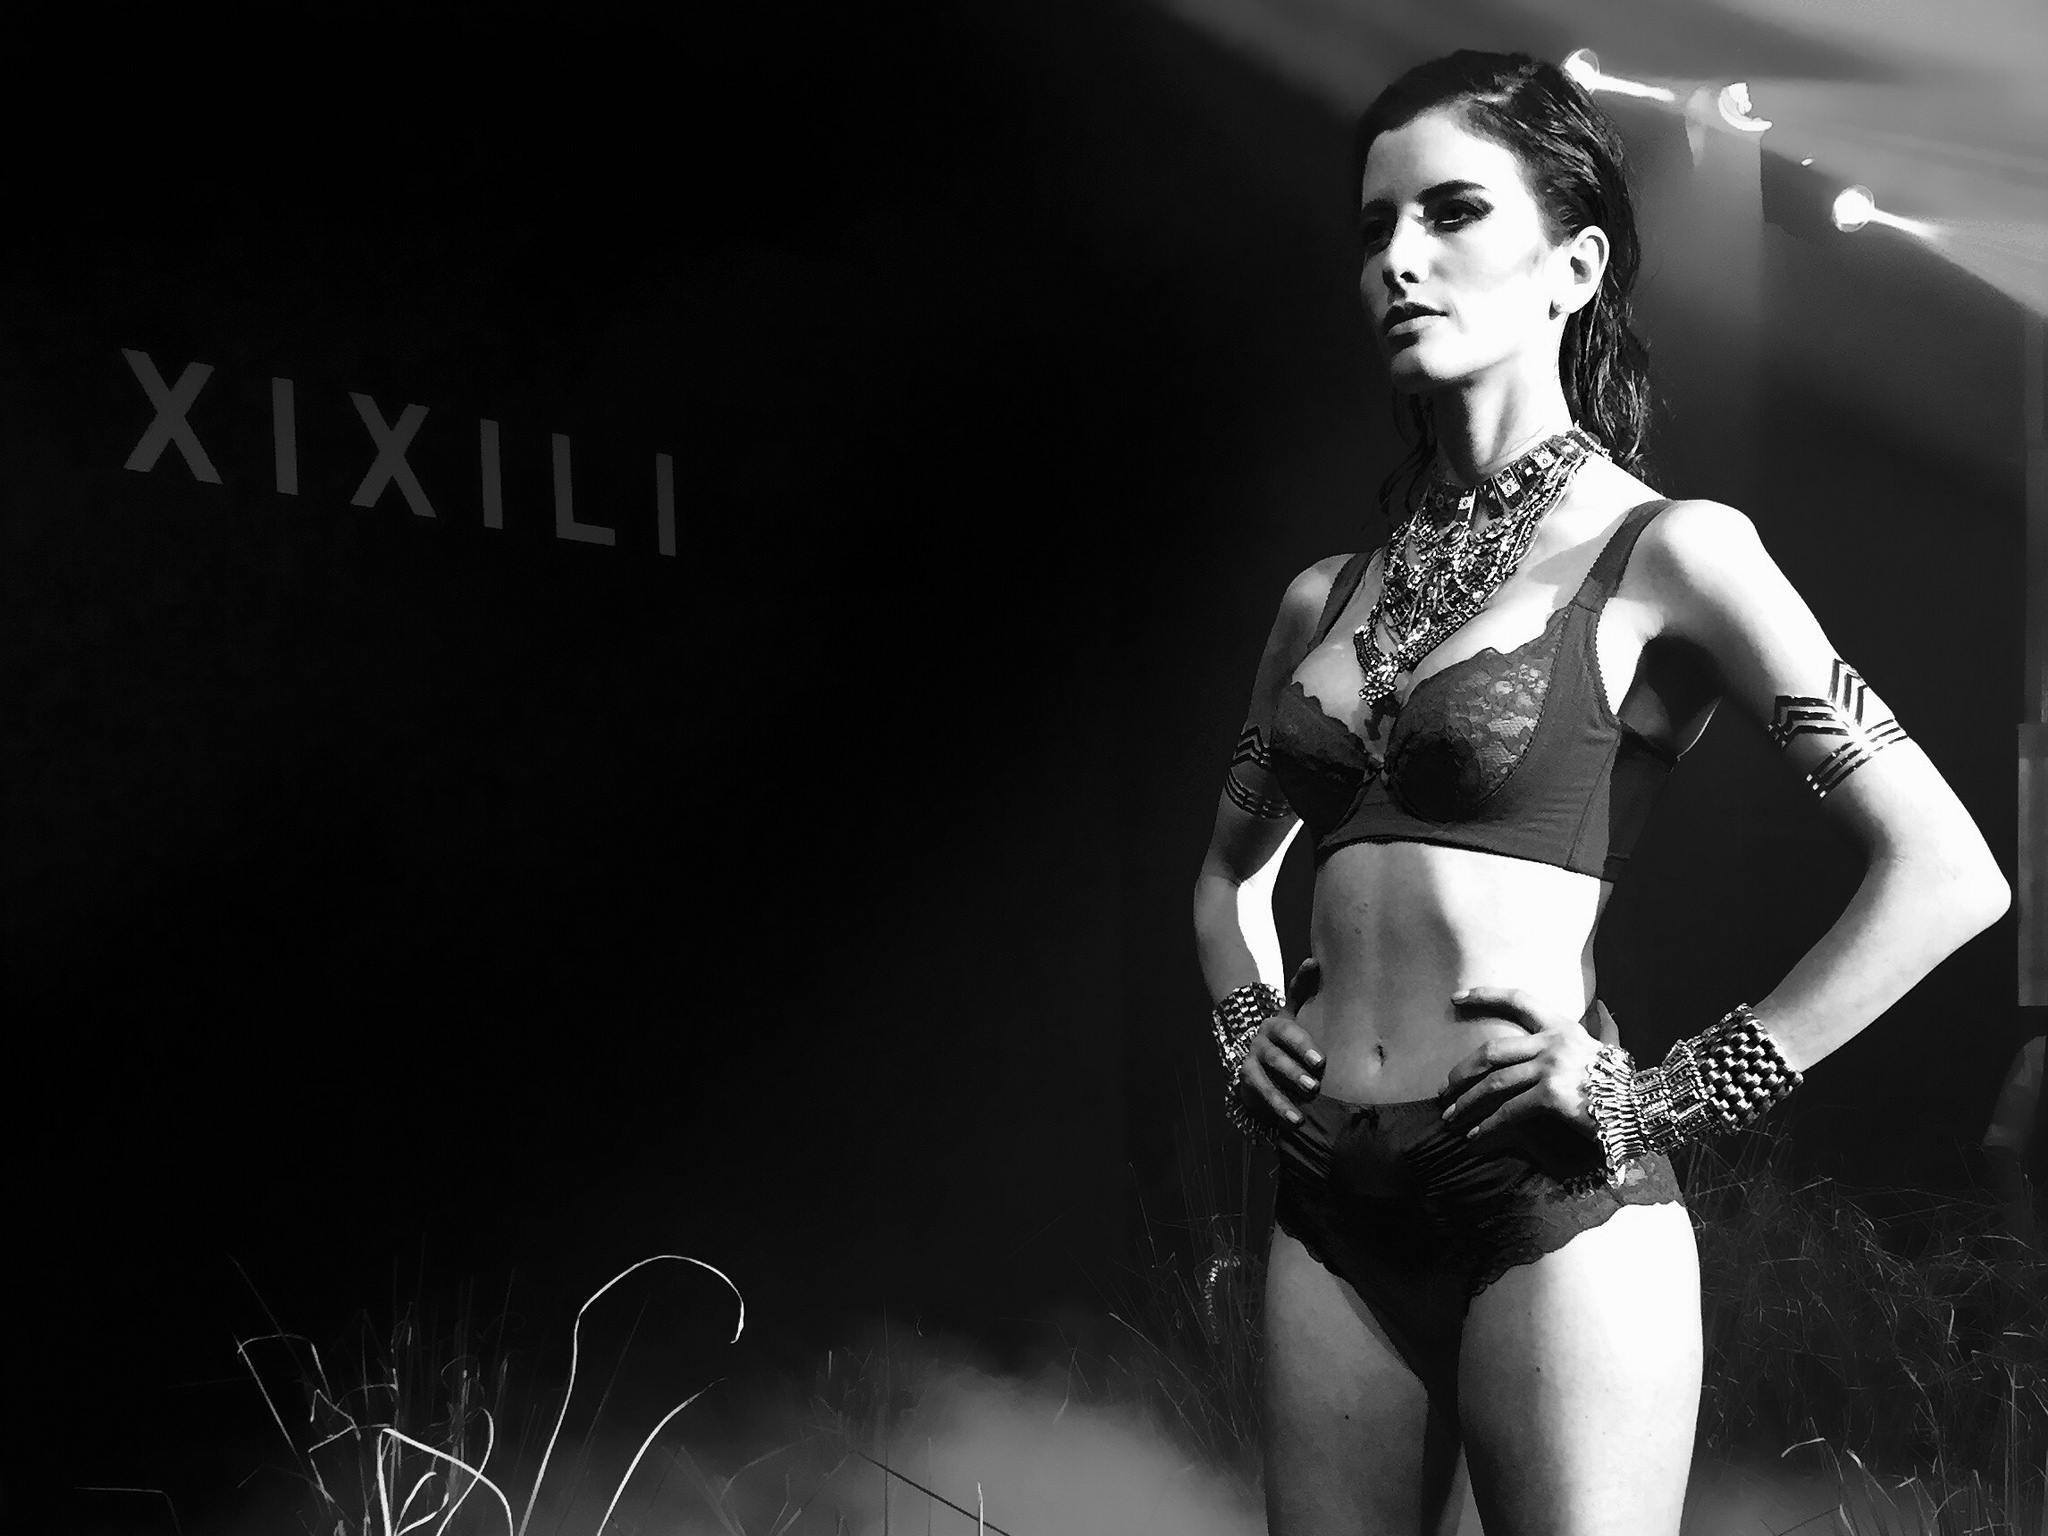 xixili Xixili Fashion Night Walks